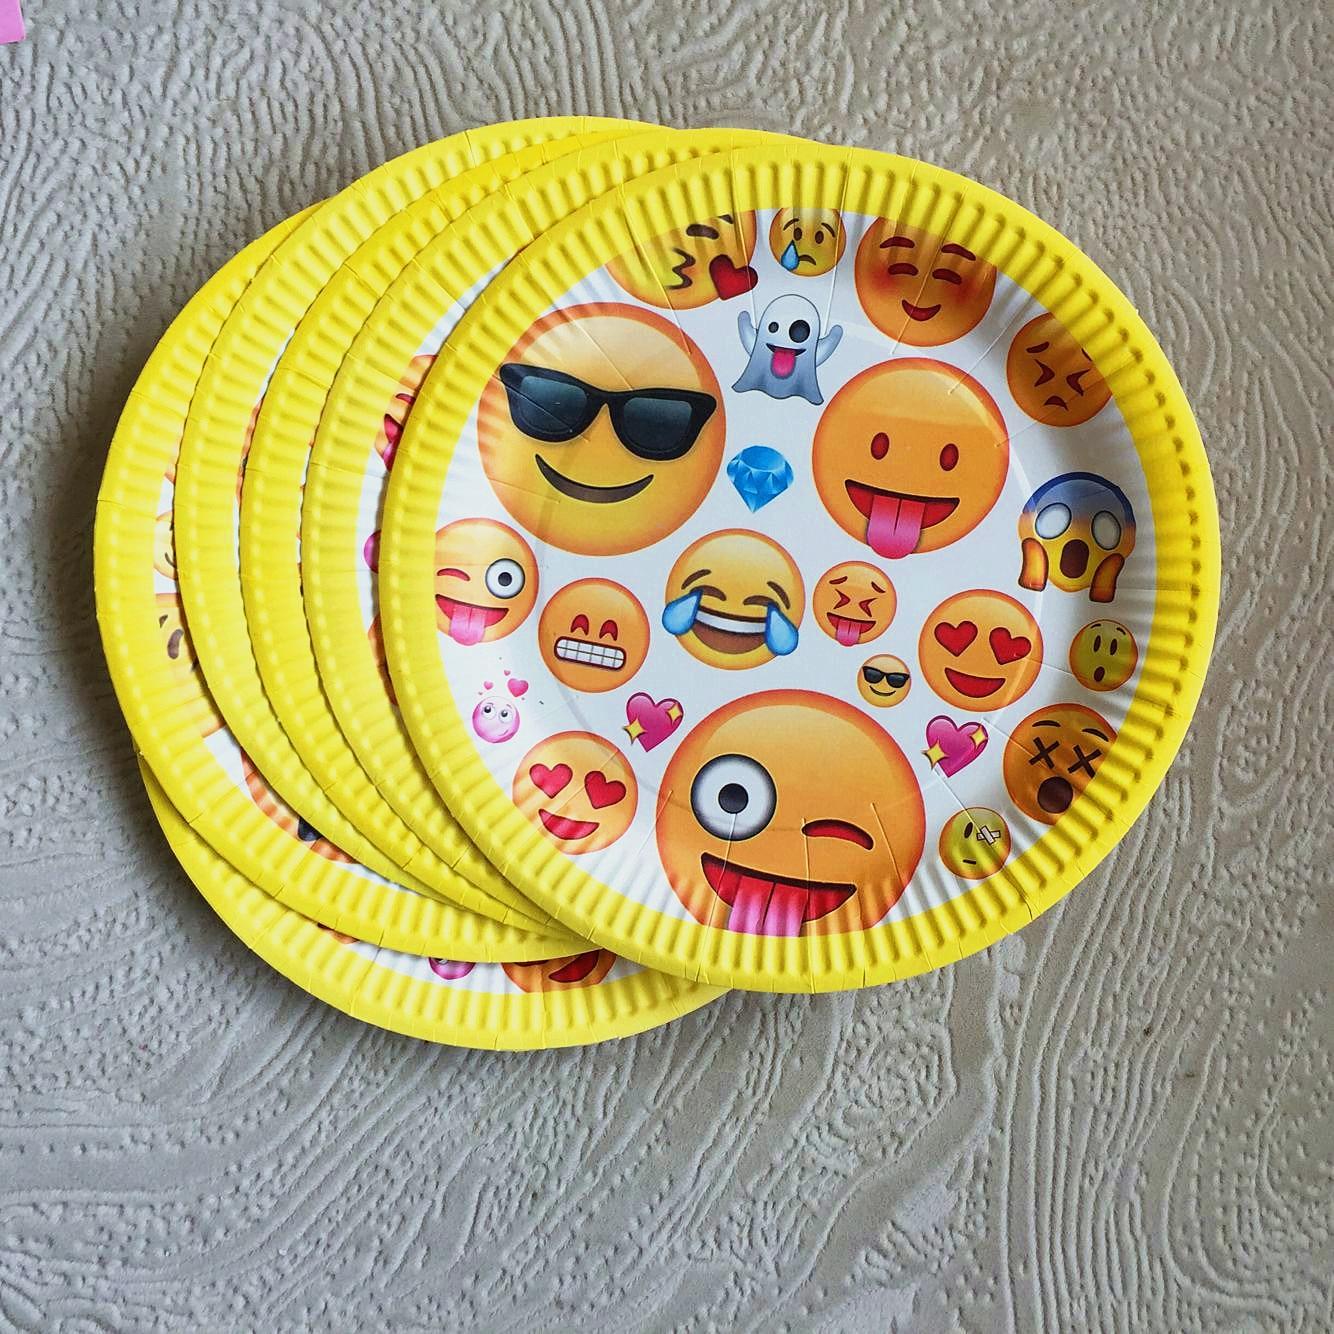 10 stücke 7 zoll Goldfolie Blau Thema Pappteller Kinder Baby Dusche Glücklich Geburtstag Für Mädchen Geschenk Party Dekoration liefert